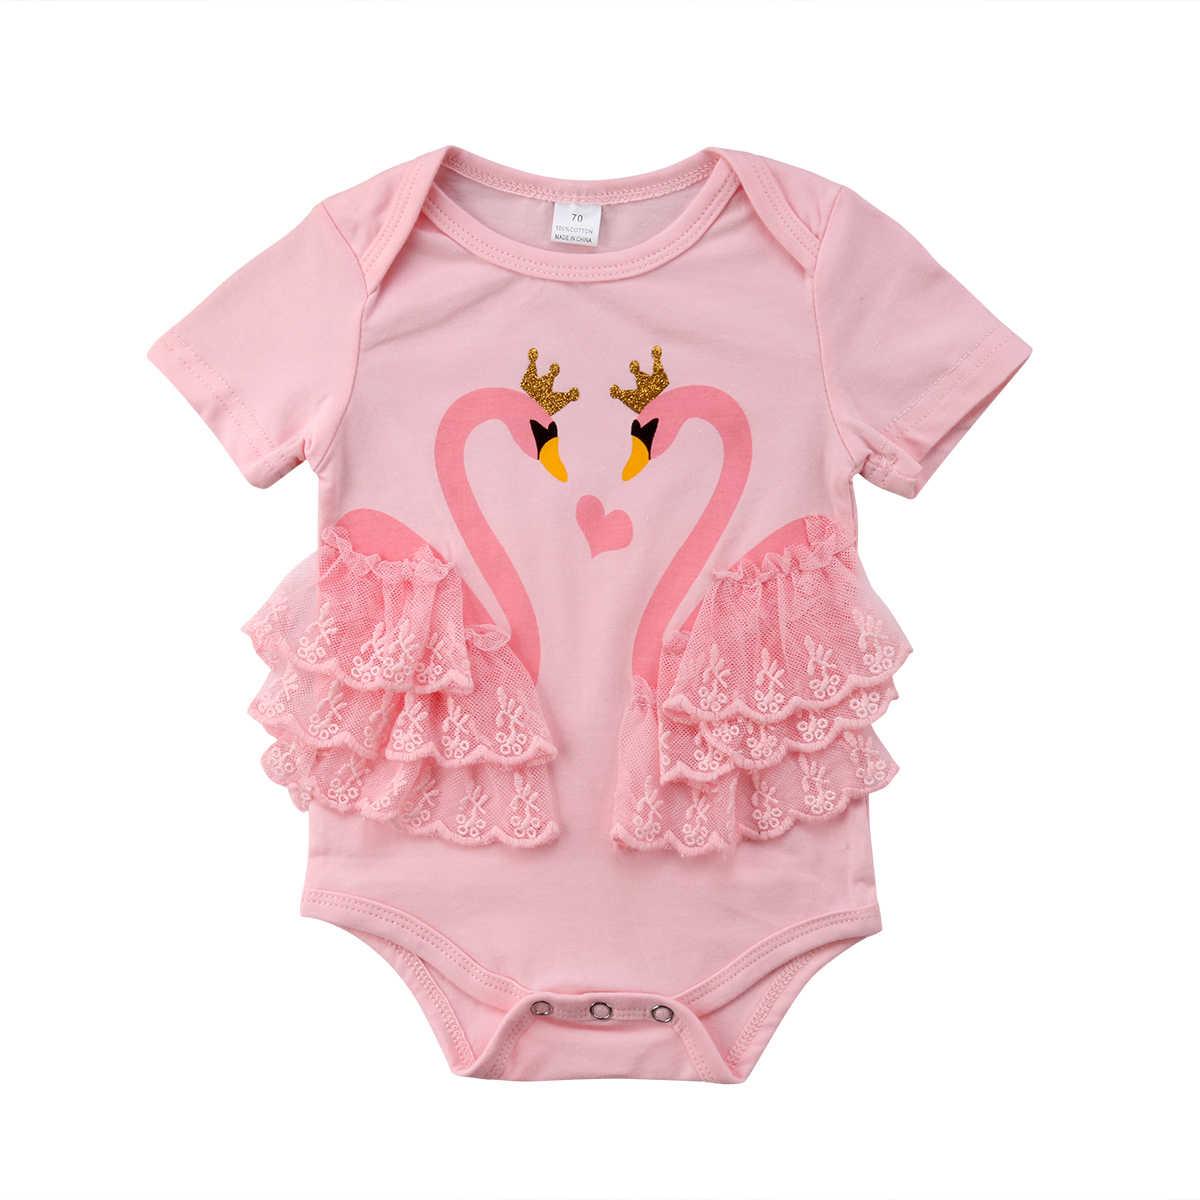 Lucu Bayi Bayi Gadis Swan Baju Renang O Leher Merah Muda Hitam Baju Monyet Bodysuit Anak Bayi Baju Renang Baju Renang